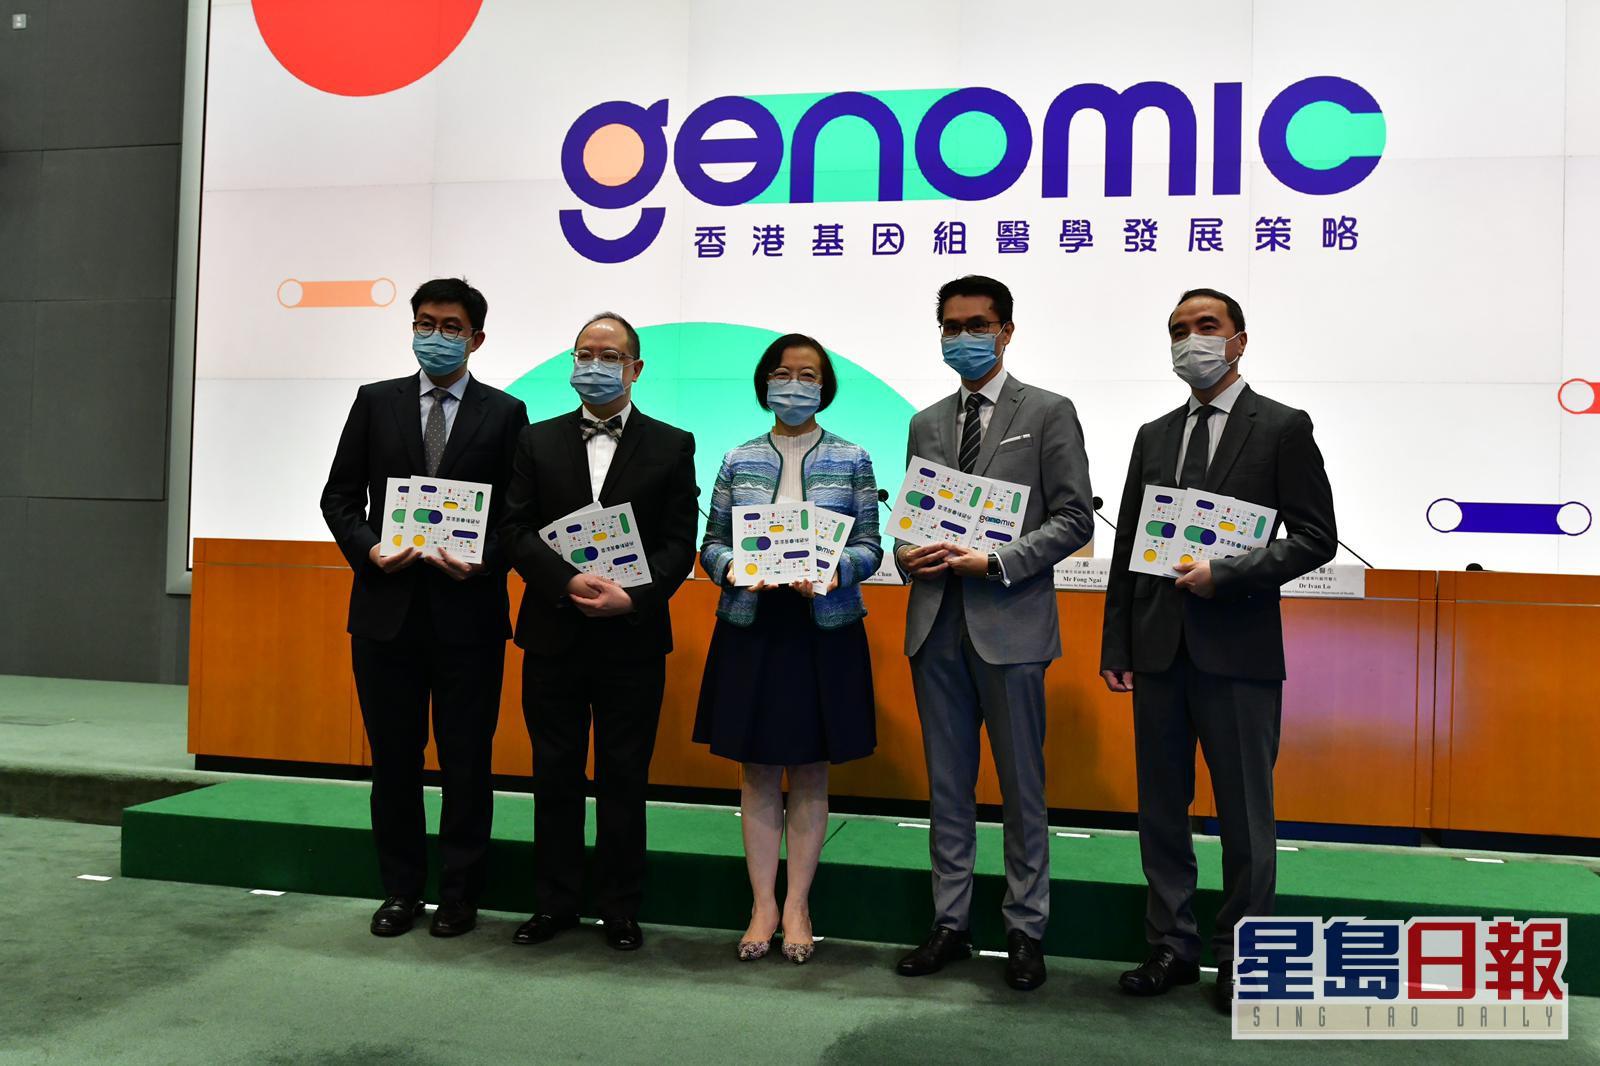 香港醫學專科學院 相關報導 - Yahoo新聞